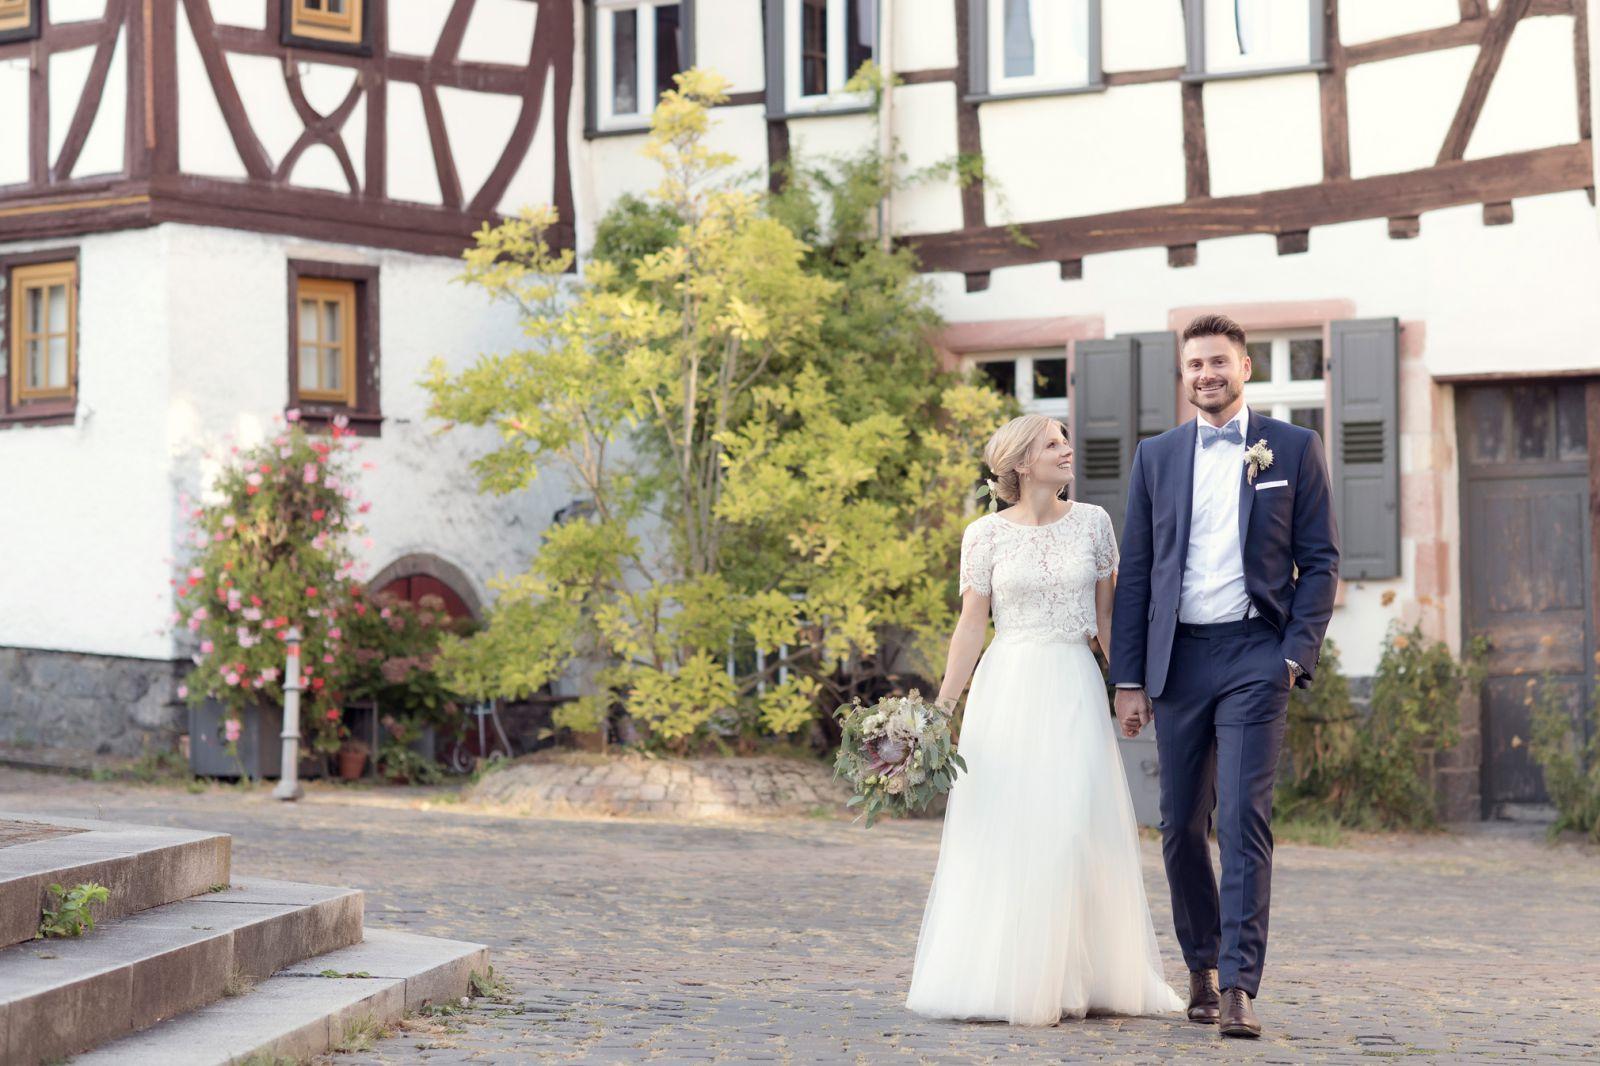 heiraten in hanau standesamt hochzeit freie trauung hochzeitslocation zehntscheune hanau steinheim